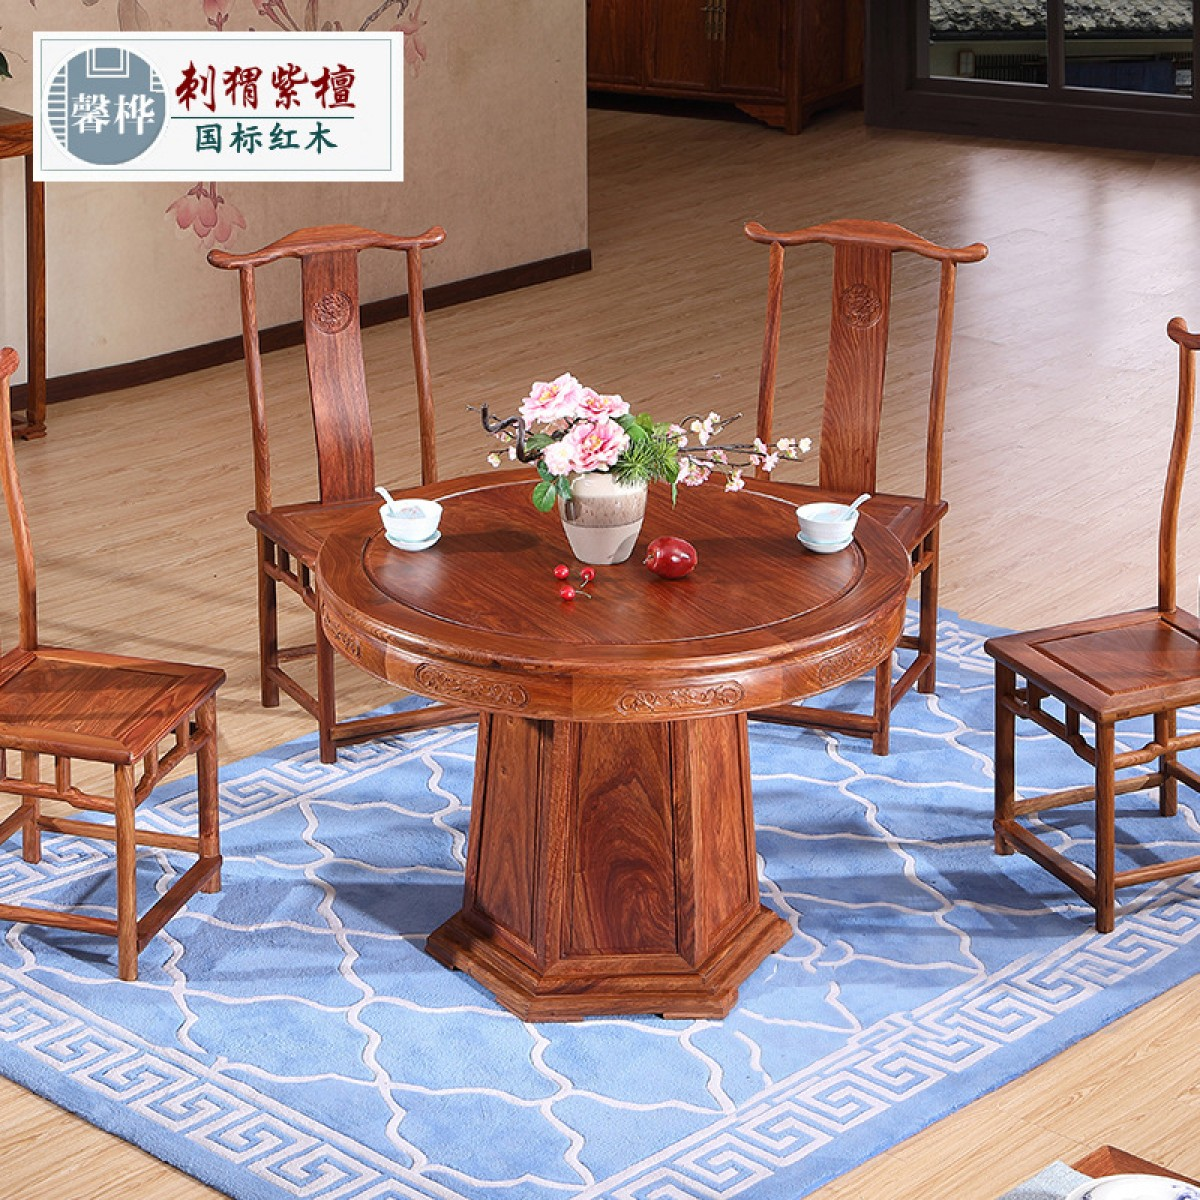 红木餐桌 花梨木圆桌 新中式仿古刺猬紫檀圆台全 实木餐桌椅组合